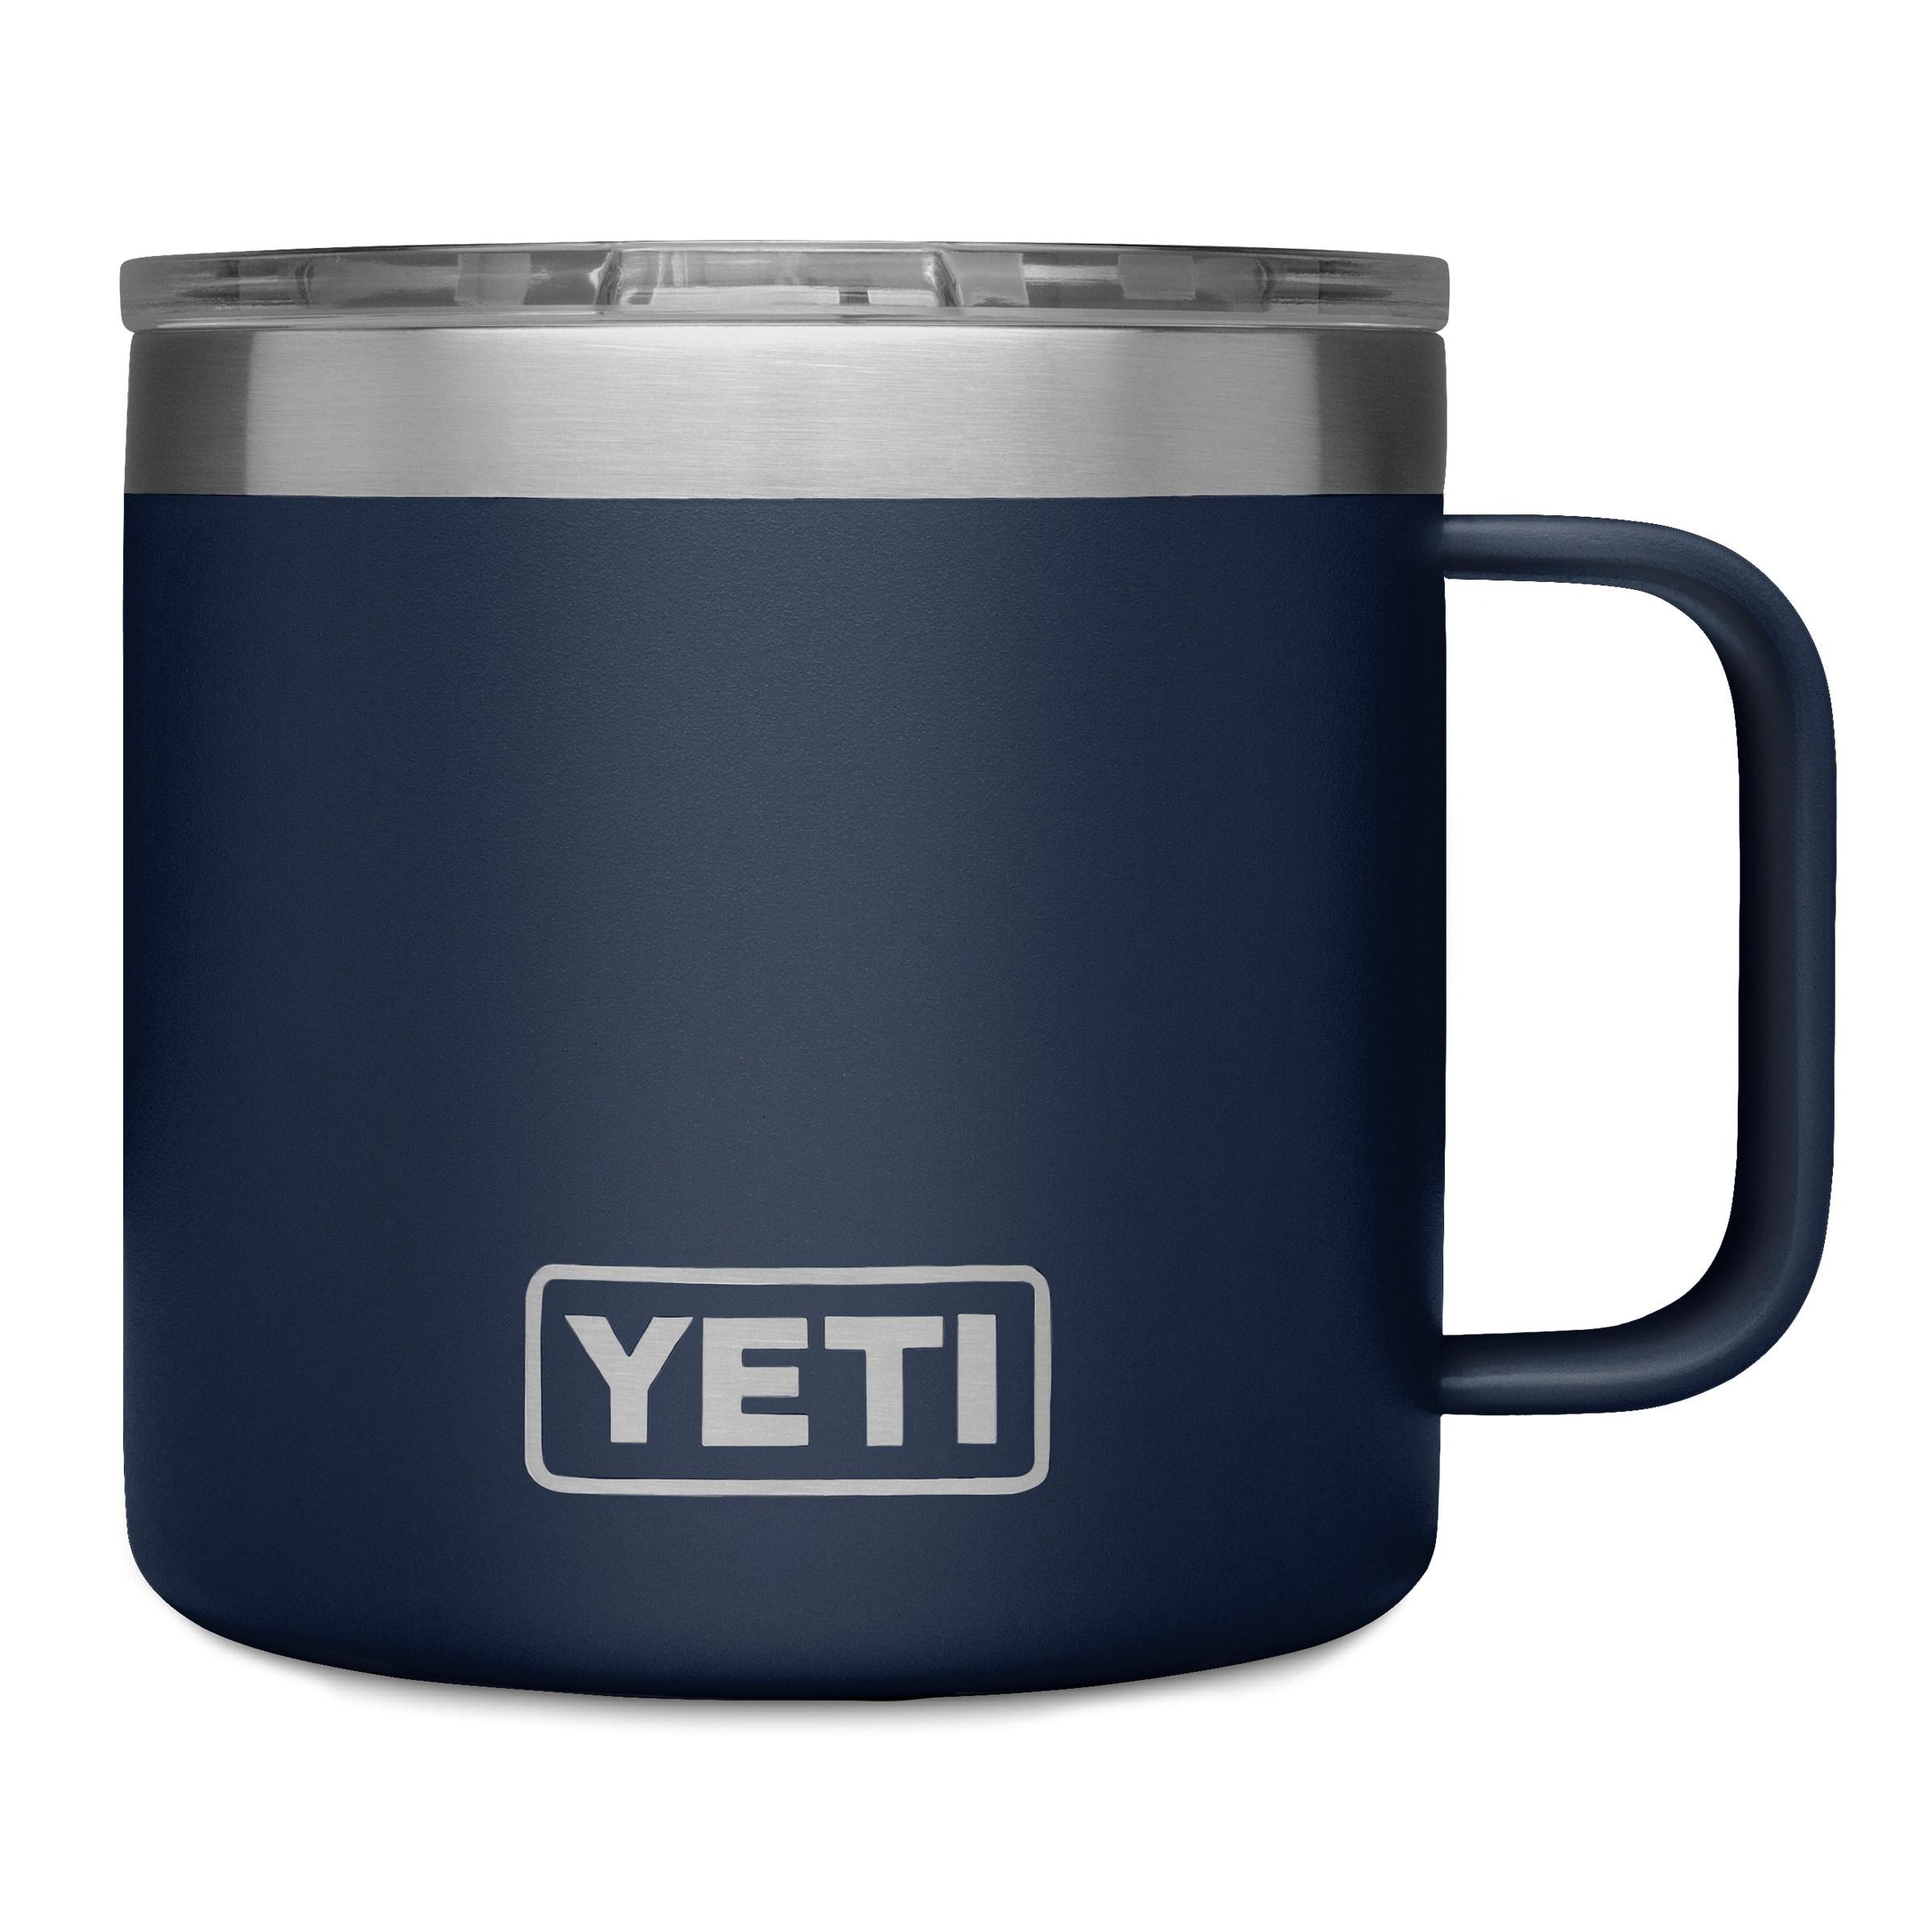 YETI Rambler 14-fl oz Stainless Steel Travel Mug   21071300146